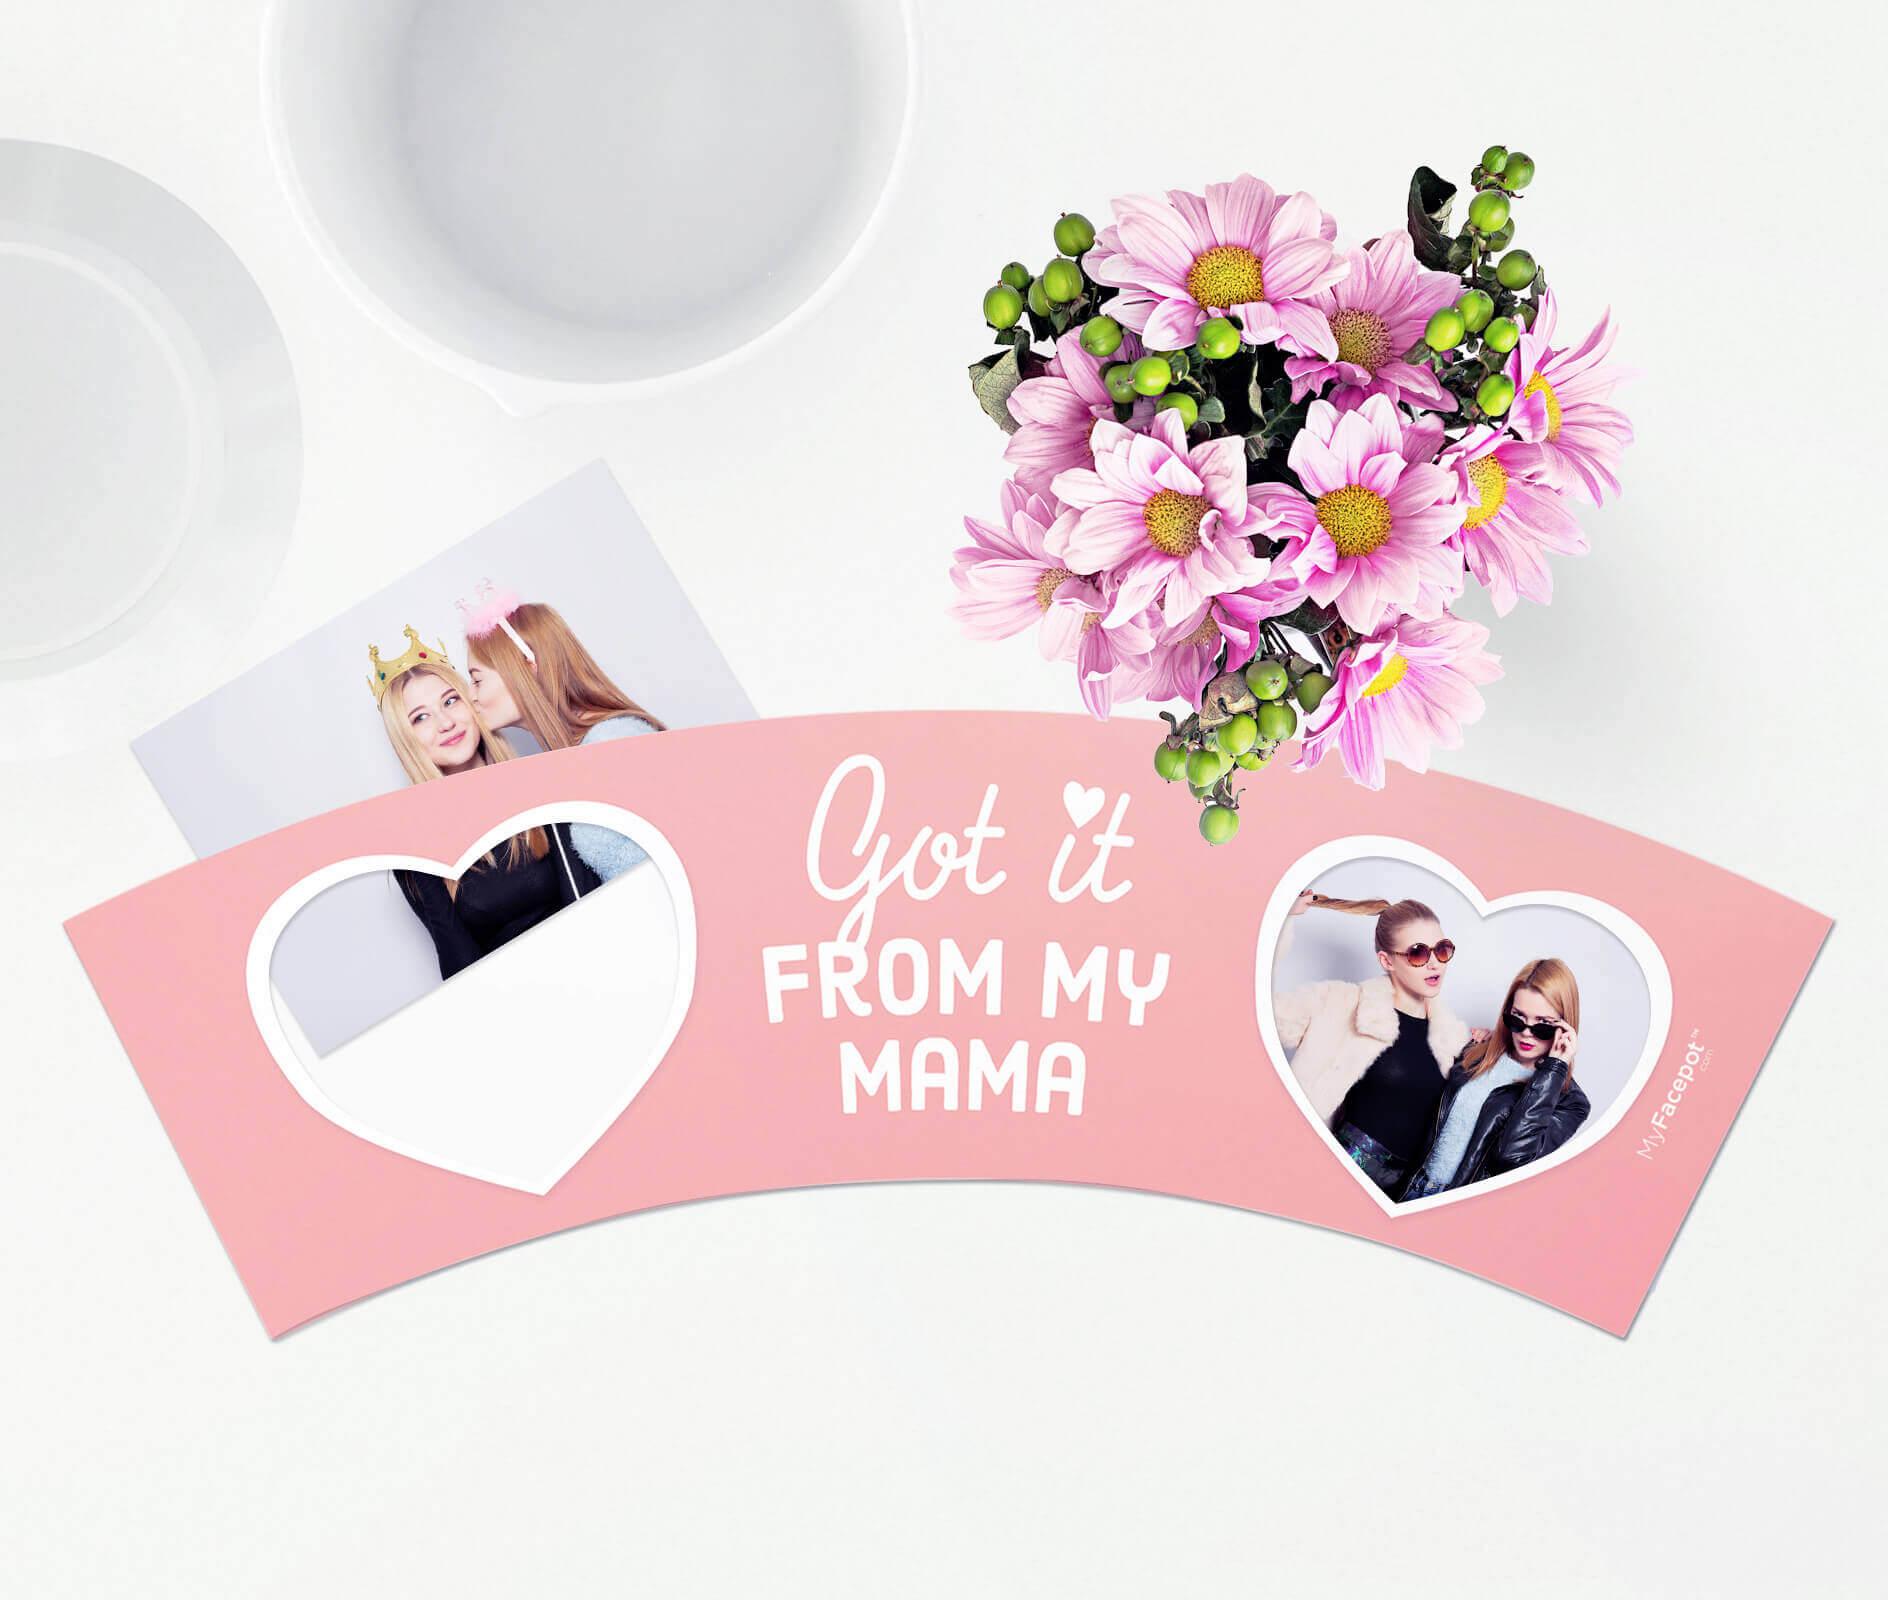 12 Blumentopf Geschenke für Mama – MyFacepot.de